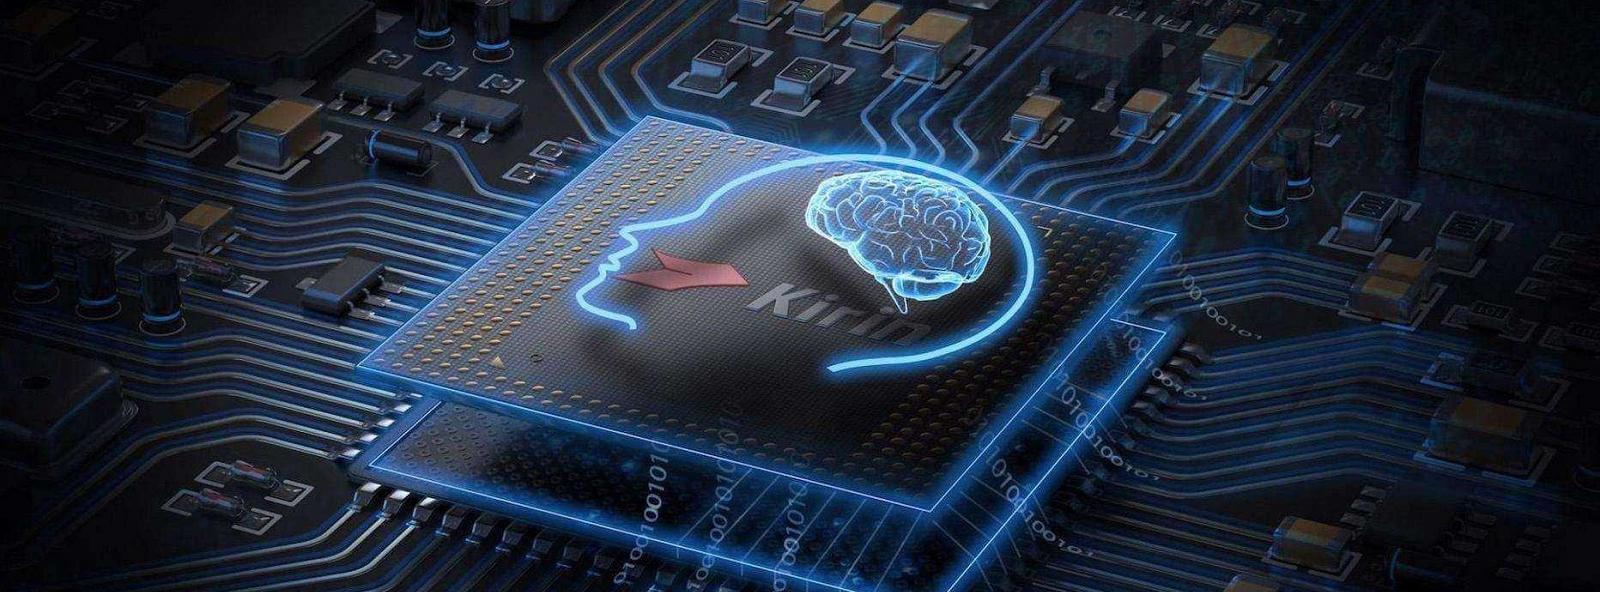 Kirin 980 — первый 7-нанометровый процессор